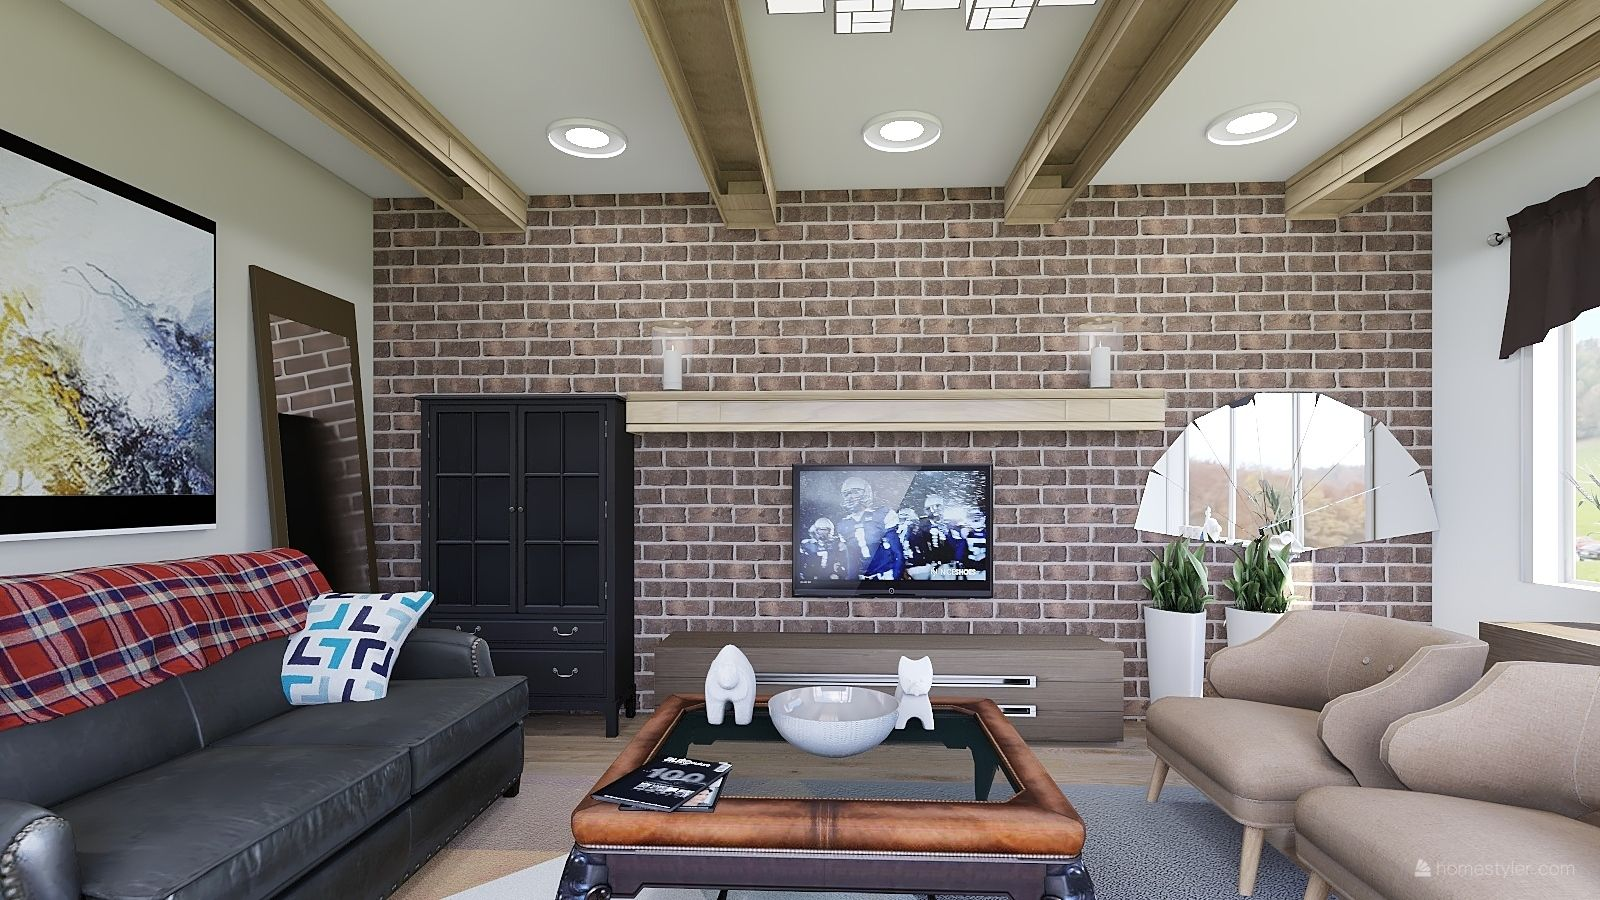 Living Room Design By Maio Moya Home Design Software 3d Home